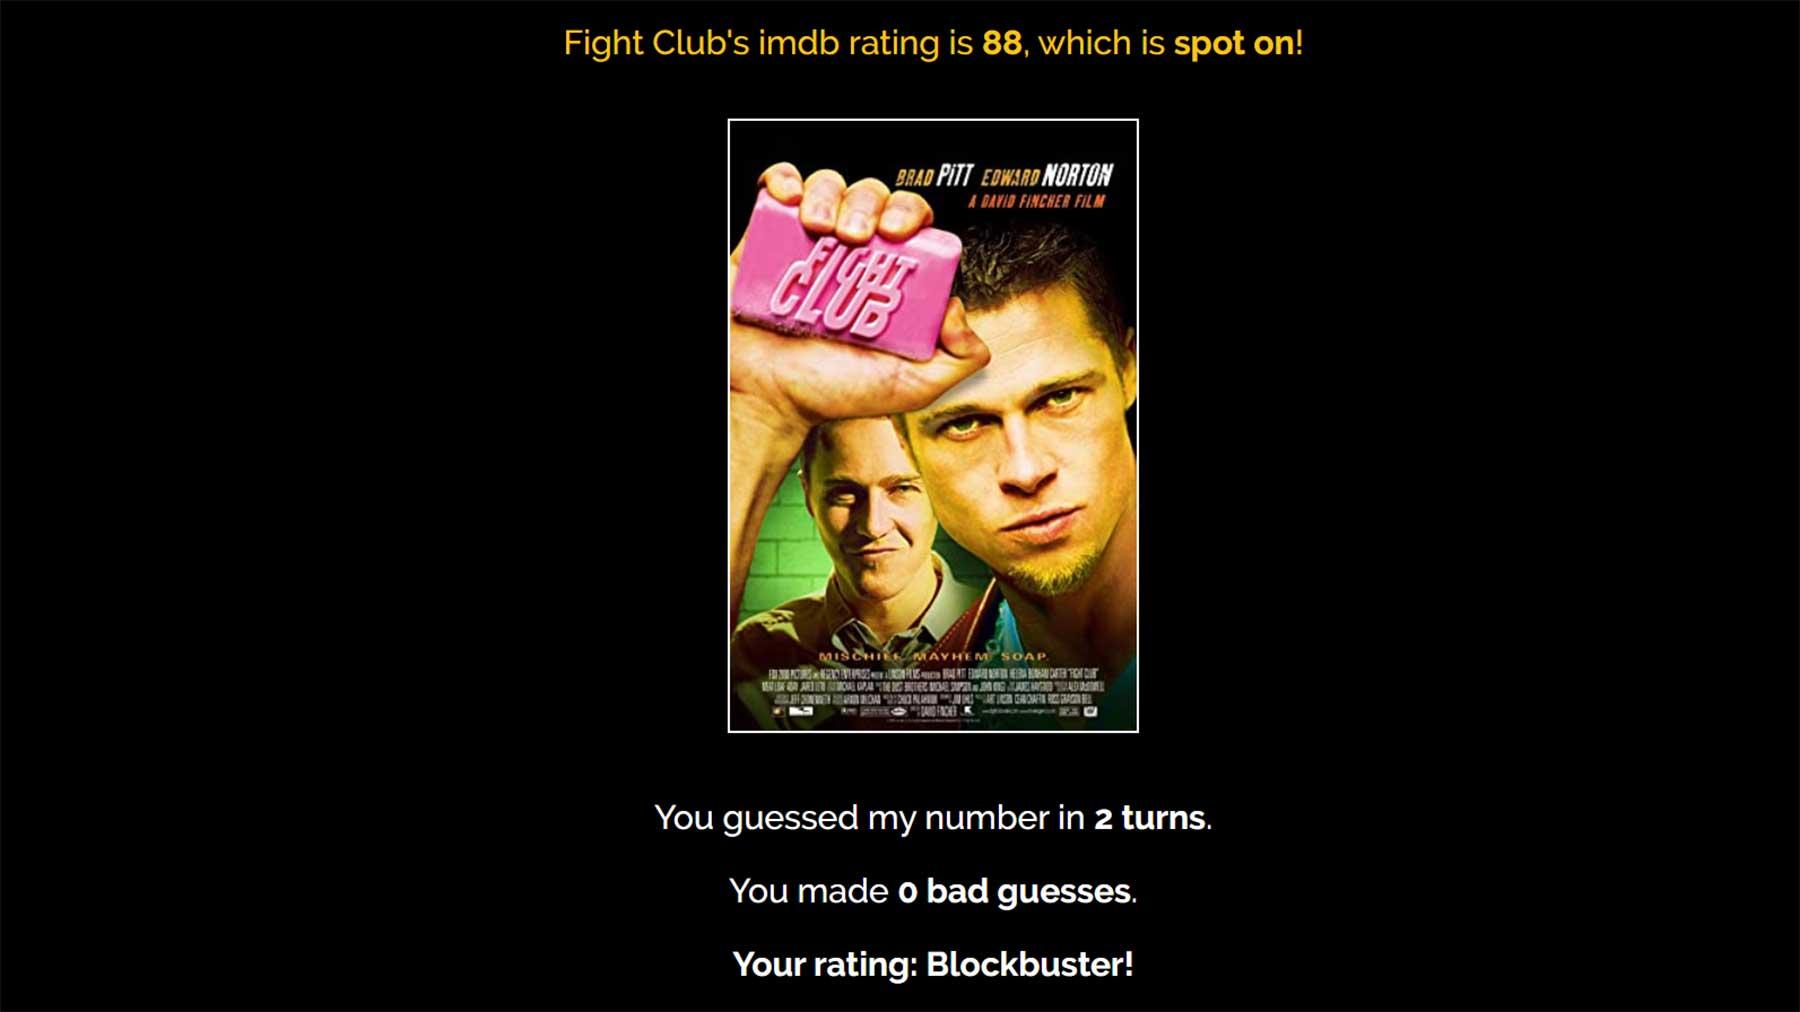 Könnt ihr IMDb-Ratings von Filmen richtig einschätzen? filme-imdb-rating-raten-quiz_01